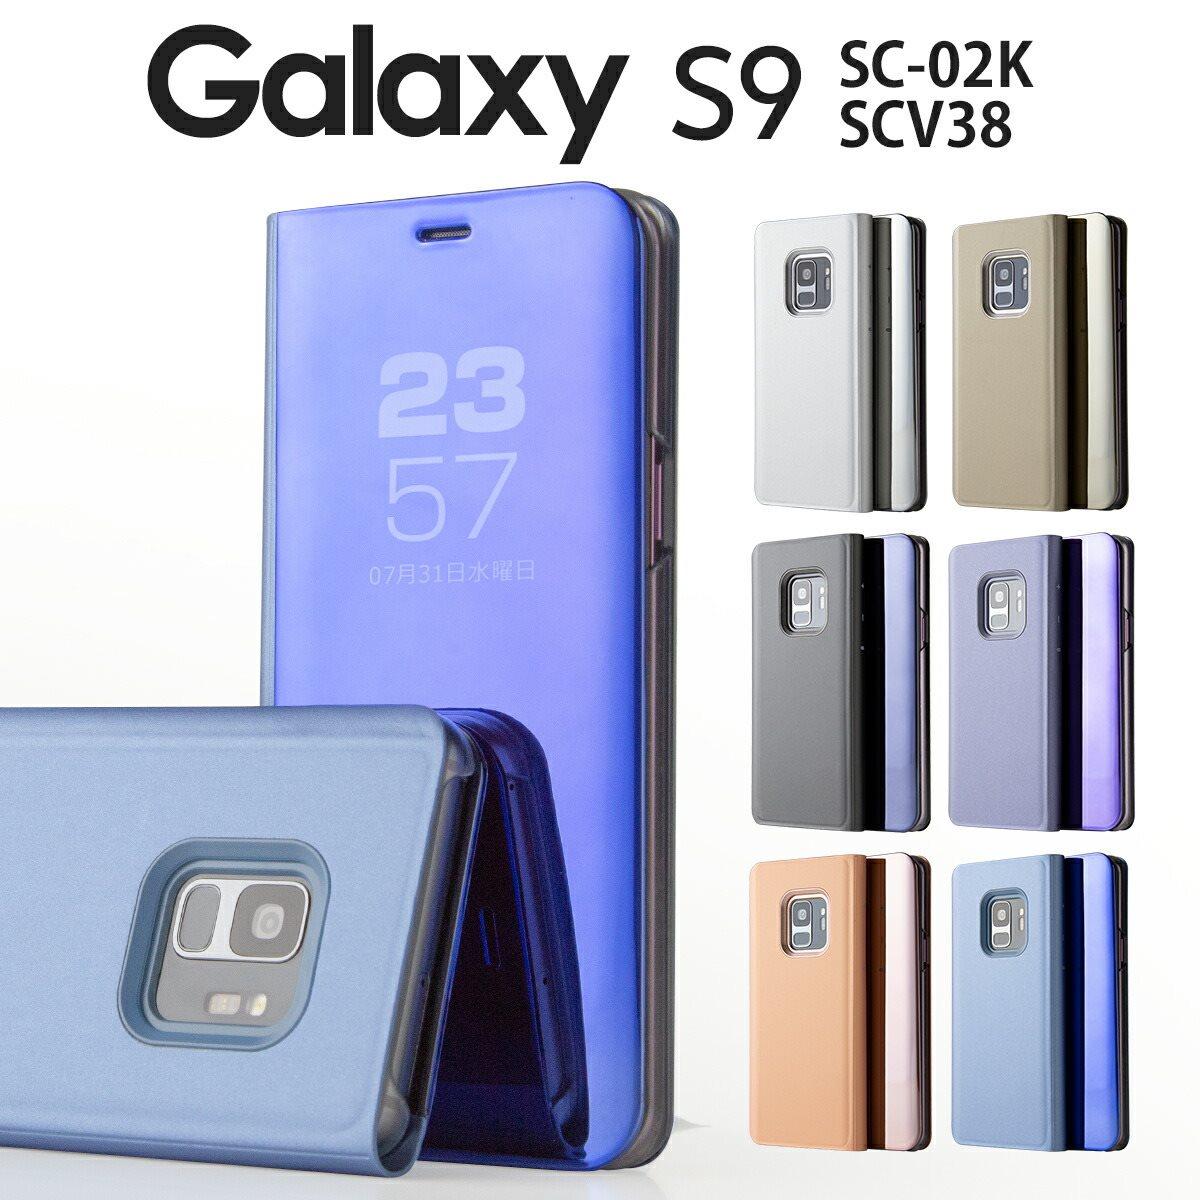 メール便送料無料 半透明手帳型ケース Galaxy S9 SC-02K 驚きの値段 SCV38 スマホケース 韓国 スマホ ケース カバー 携帯 かっこいい sale ポイント消化 発売モデル ギャラクシーs9 手帳型 おしゃれ 人気 かわいい 手帳 s9ケース